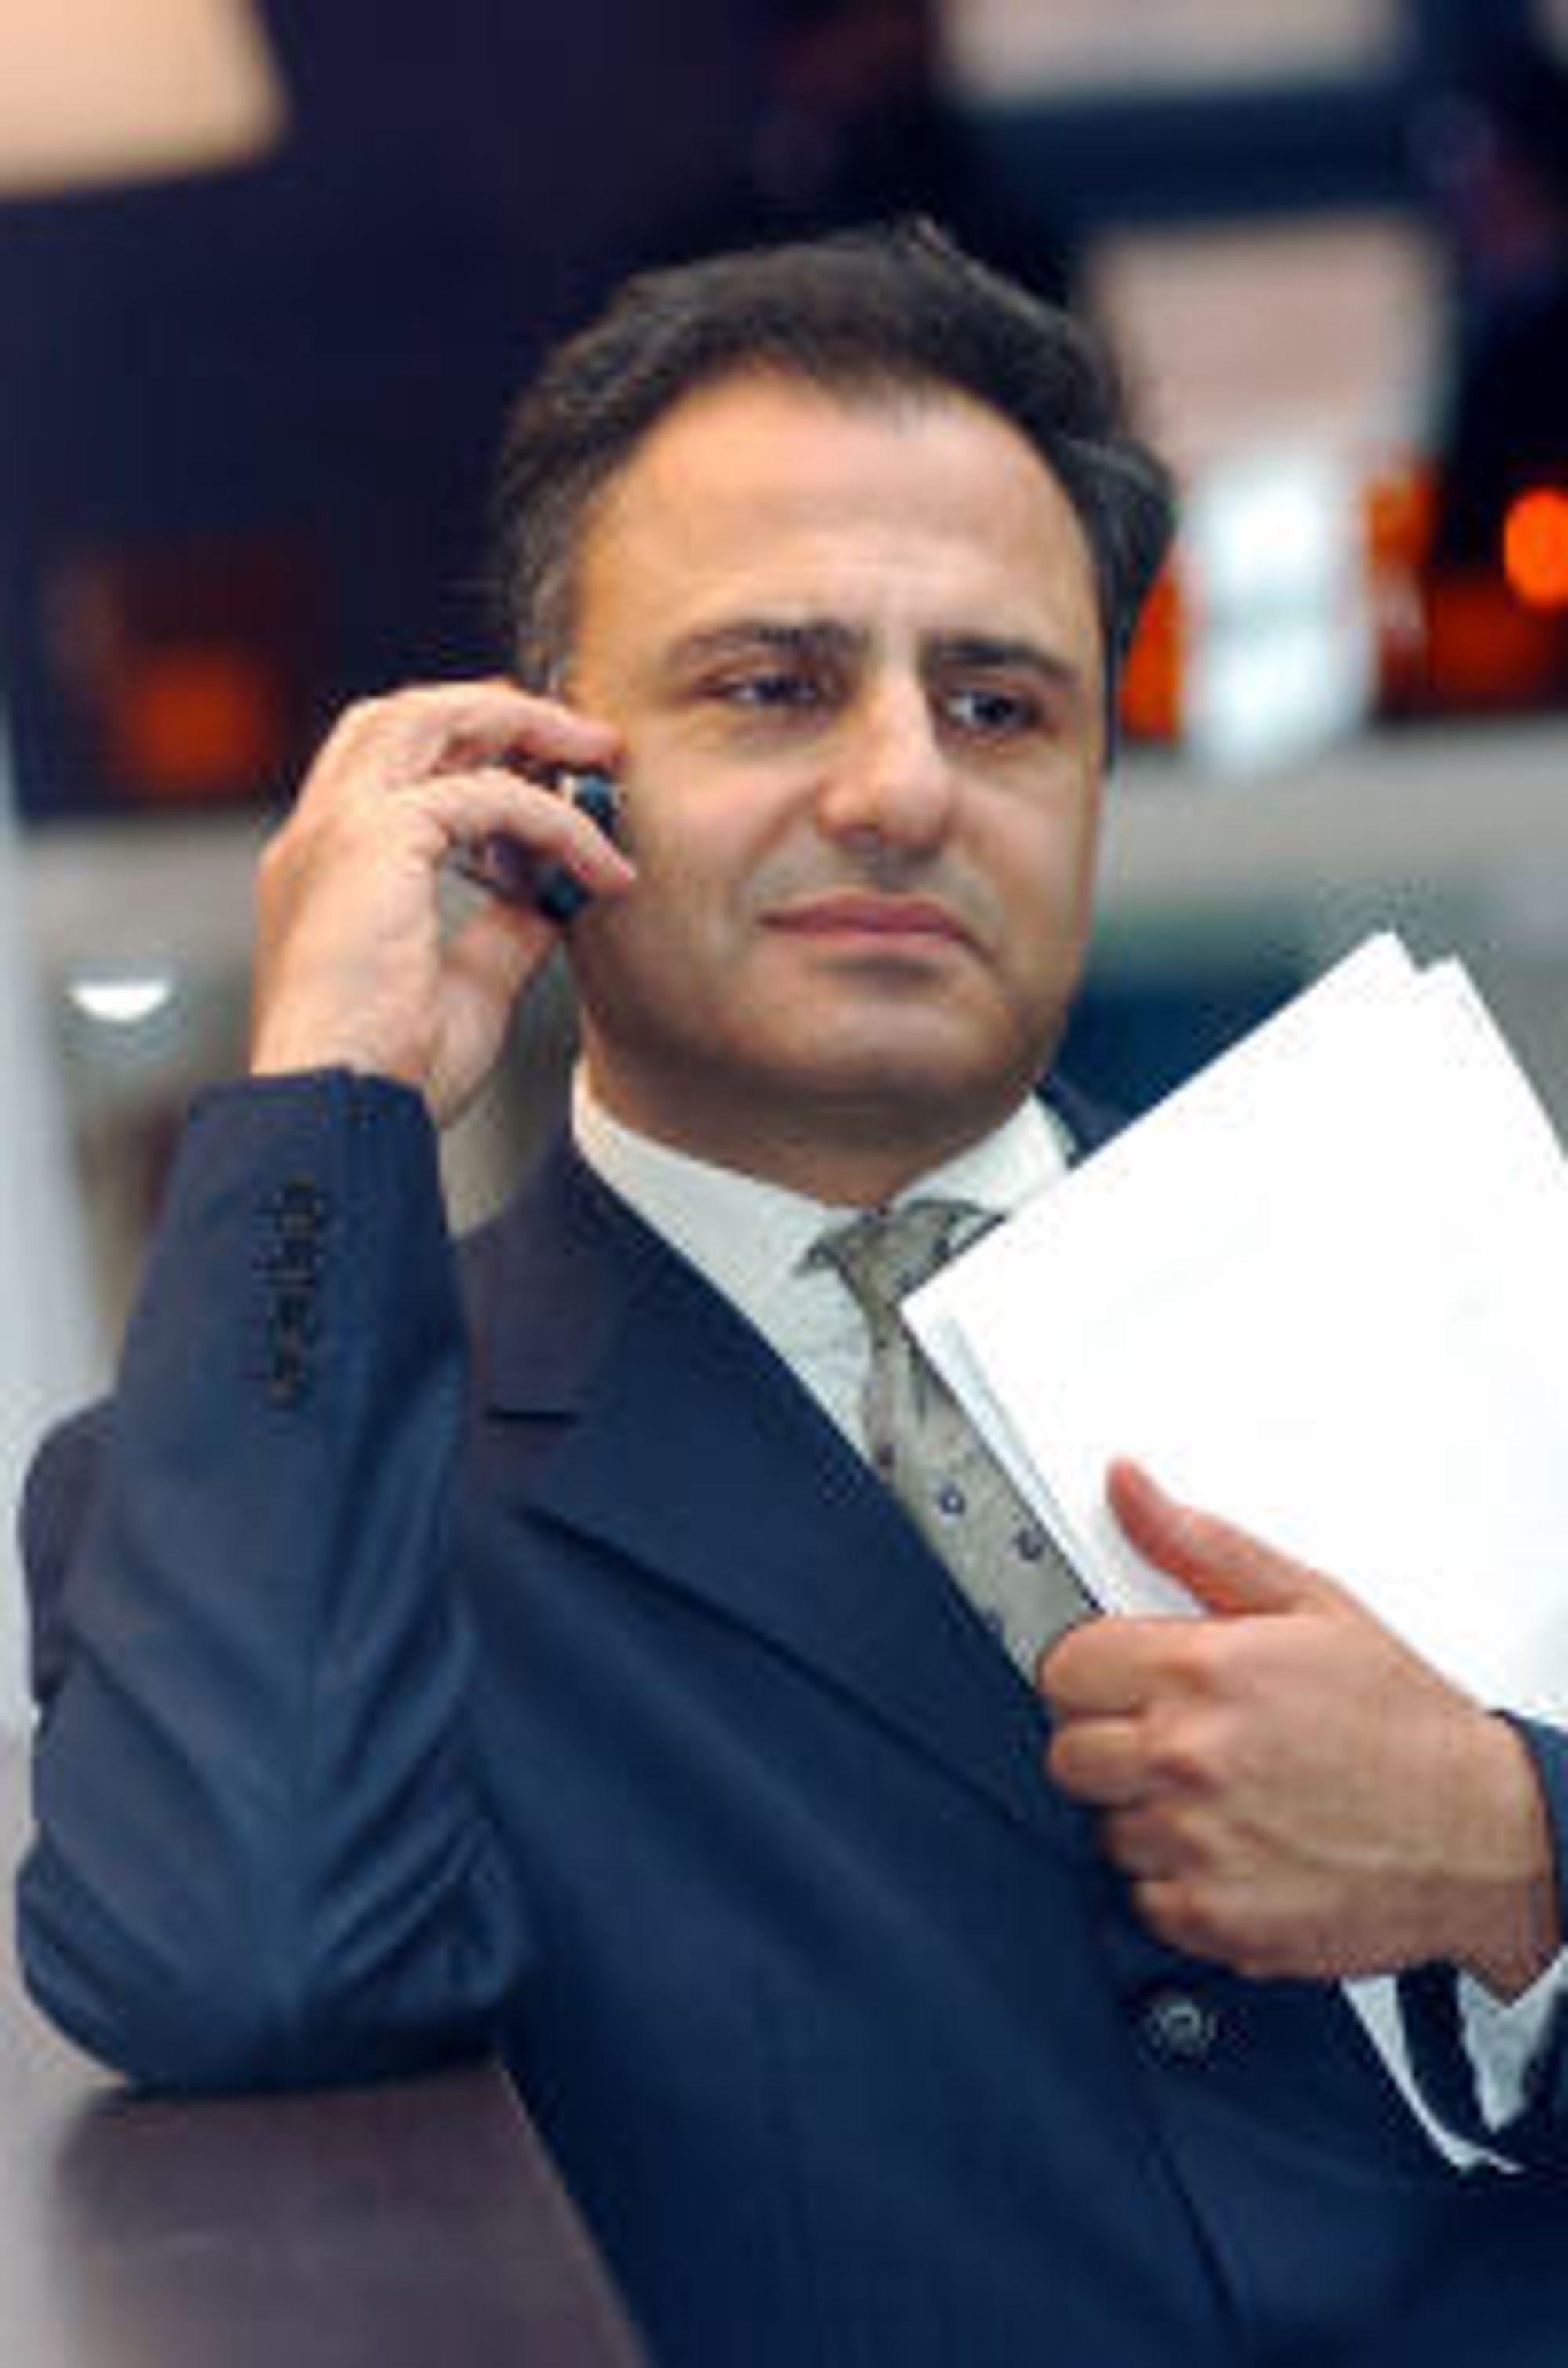 Georges Ataya men bedrifter flest skader verdiskapningen når de kutter kostnader innen IT.